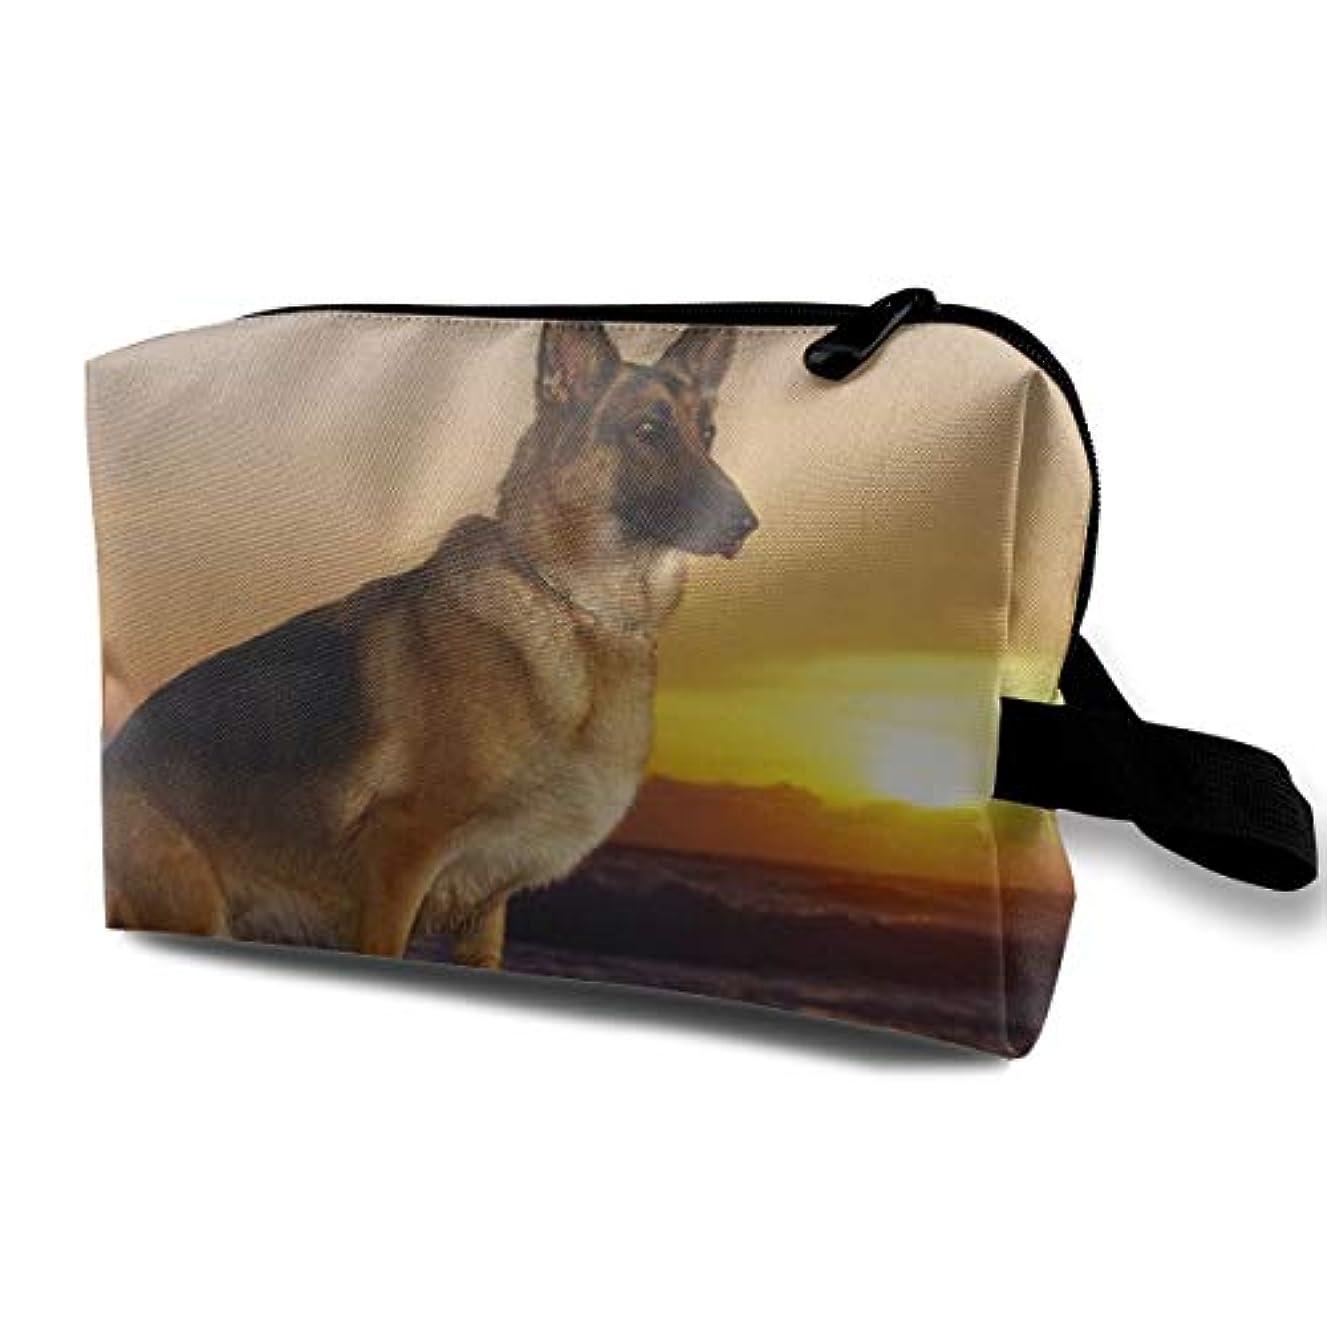 動物園余暇会うGerman Shepherd Dog 収納ポーチ 化粧ポーチ 大容量 軽量 耐久性 ハンドル付持ち運び便利。入れ 自宅?出張?旅行?アウトドア撮影などに対応。メンズ レディース トラベルグッズ